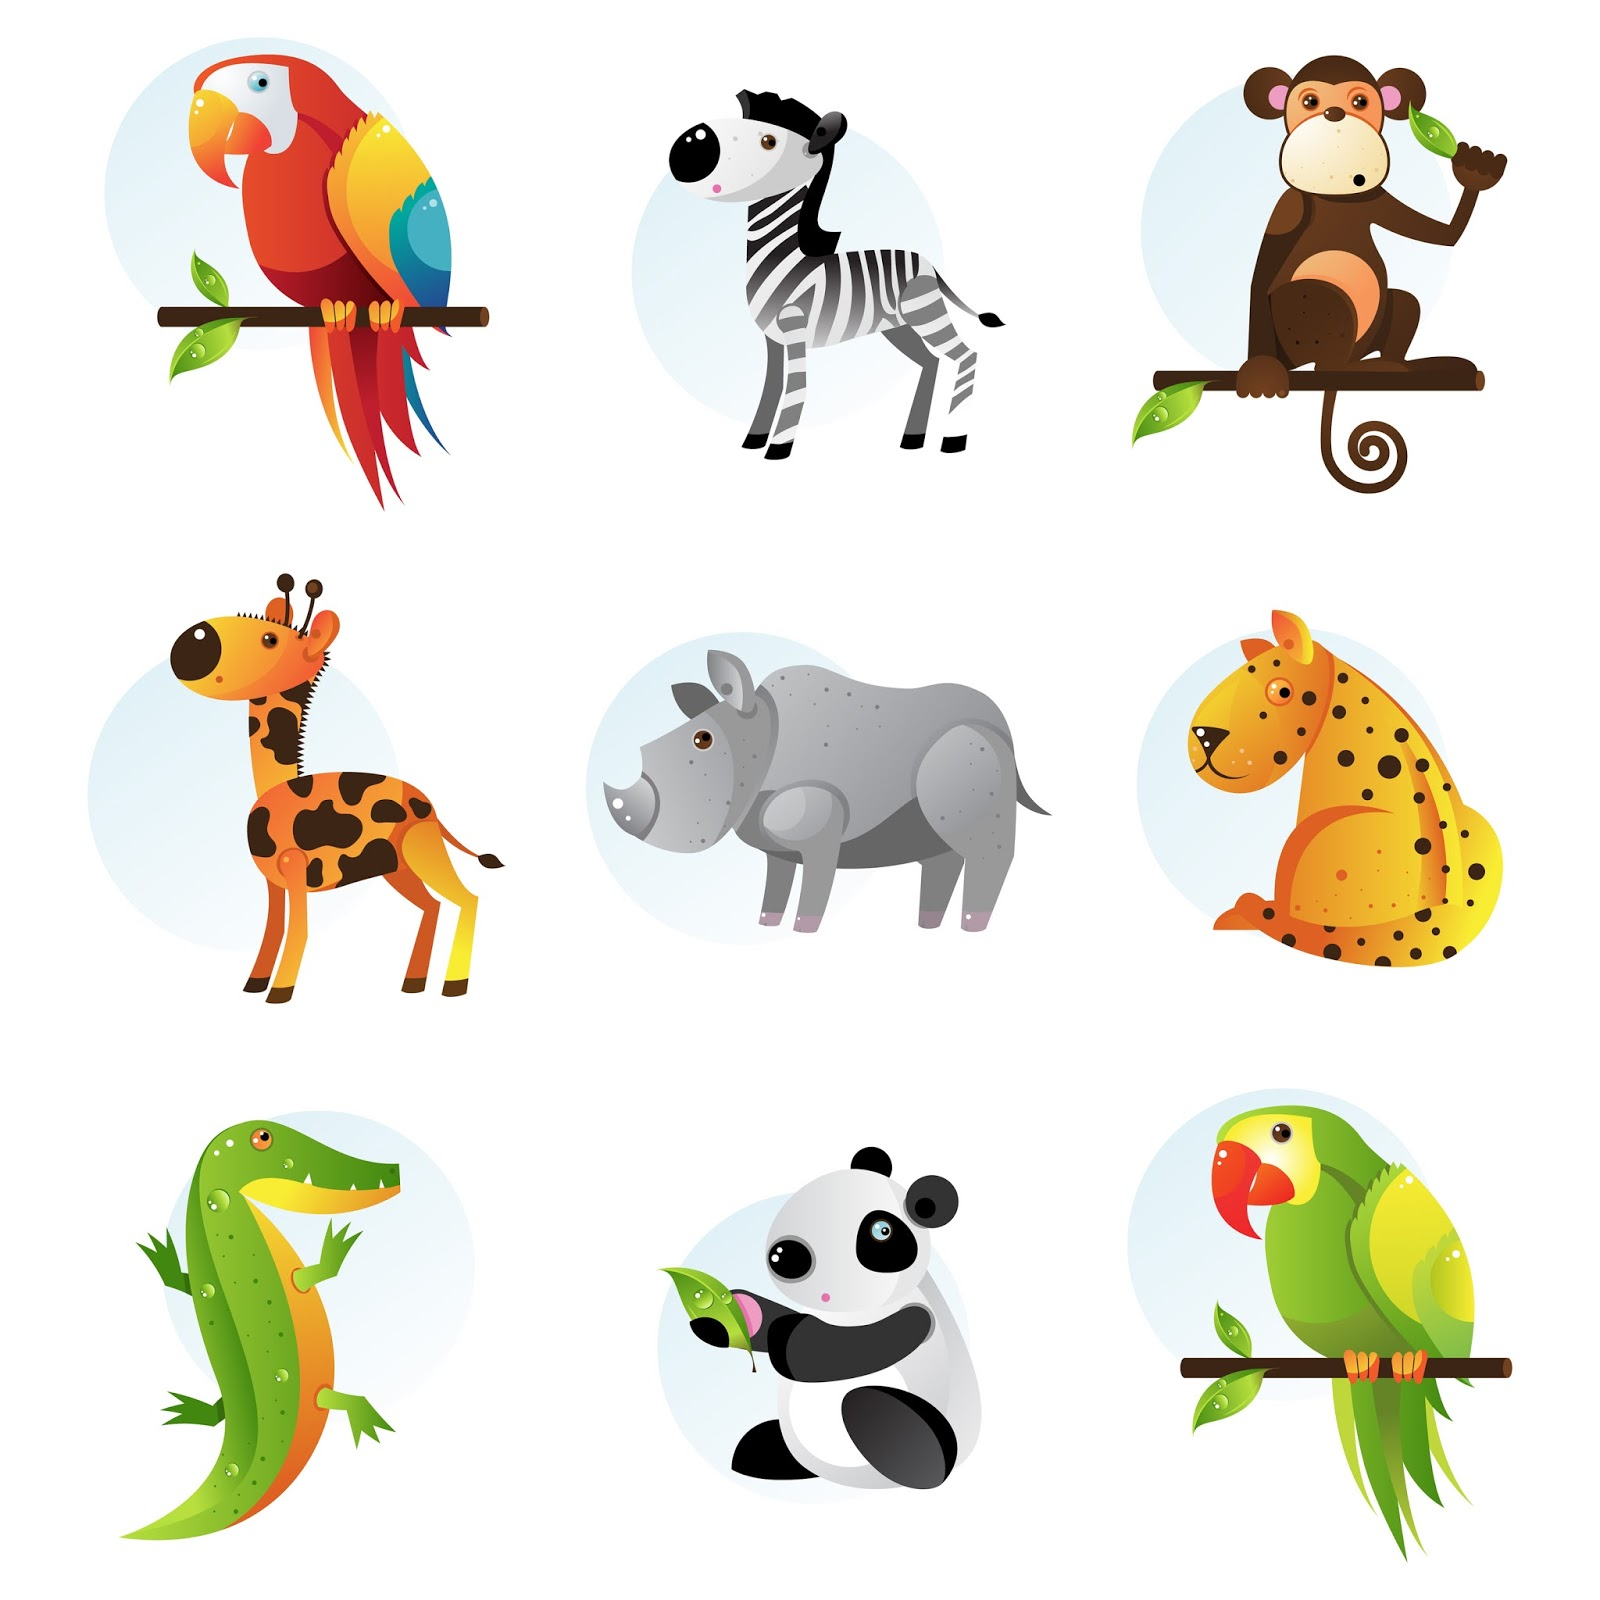 Fotos de animales salvajes - imagenes de animales de selva